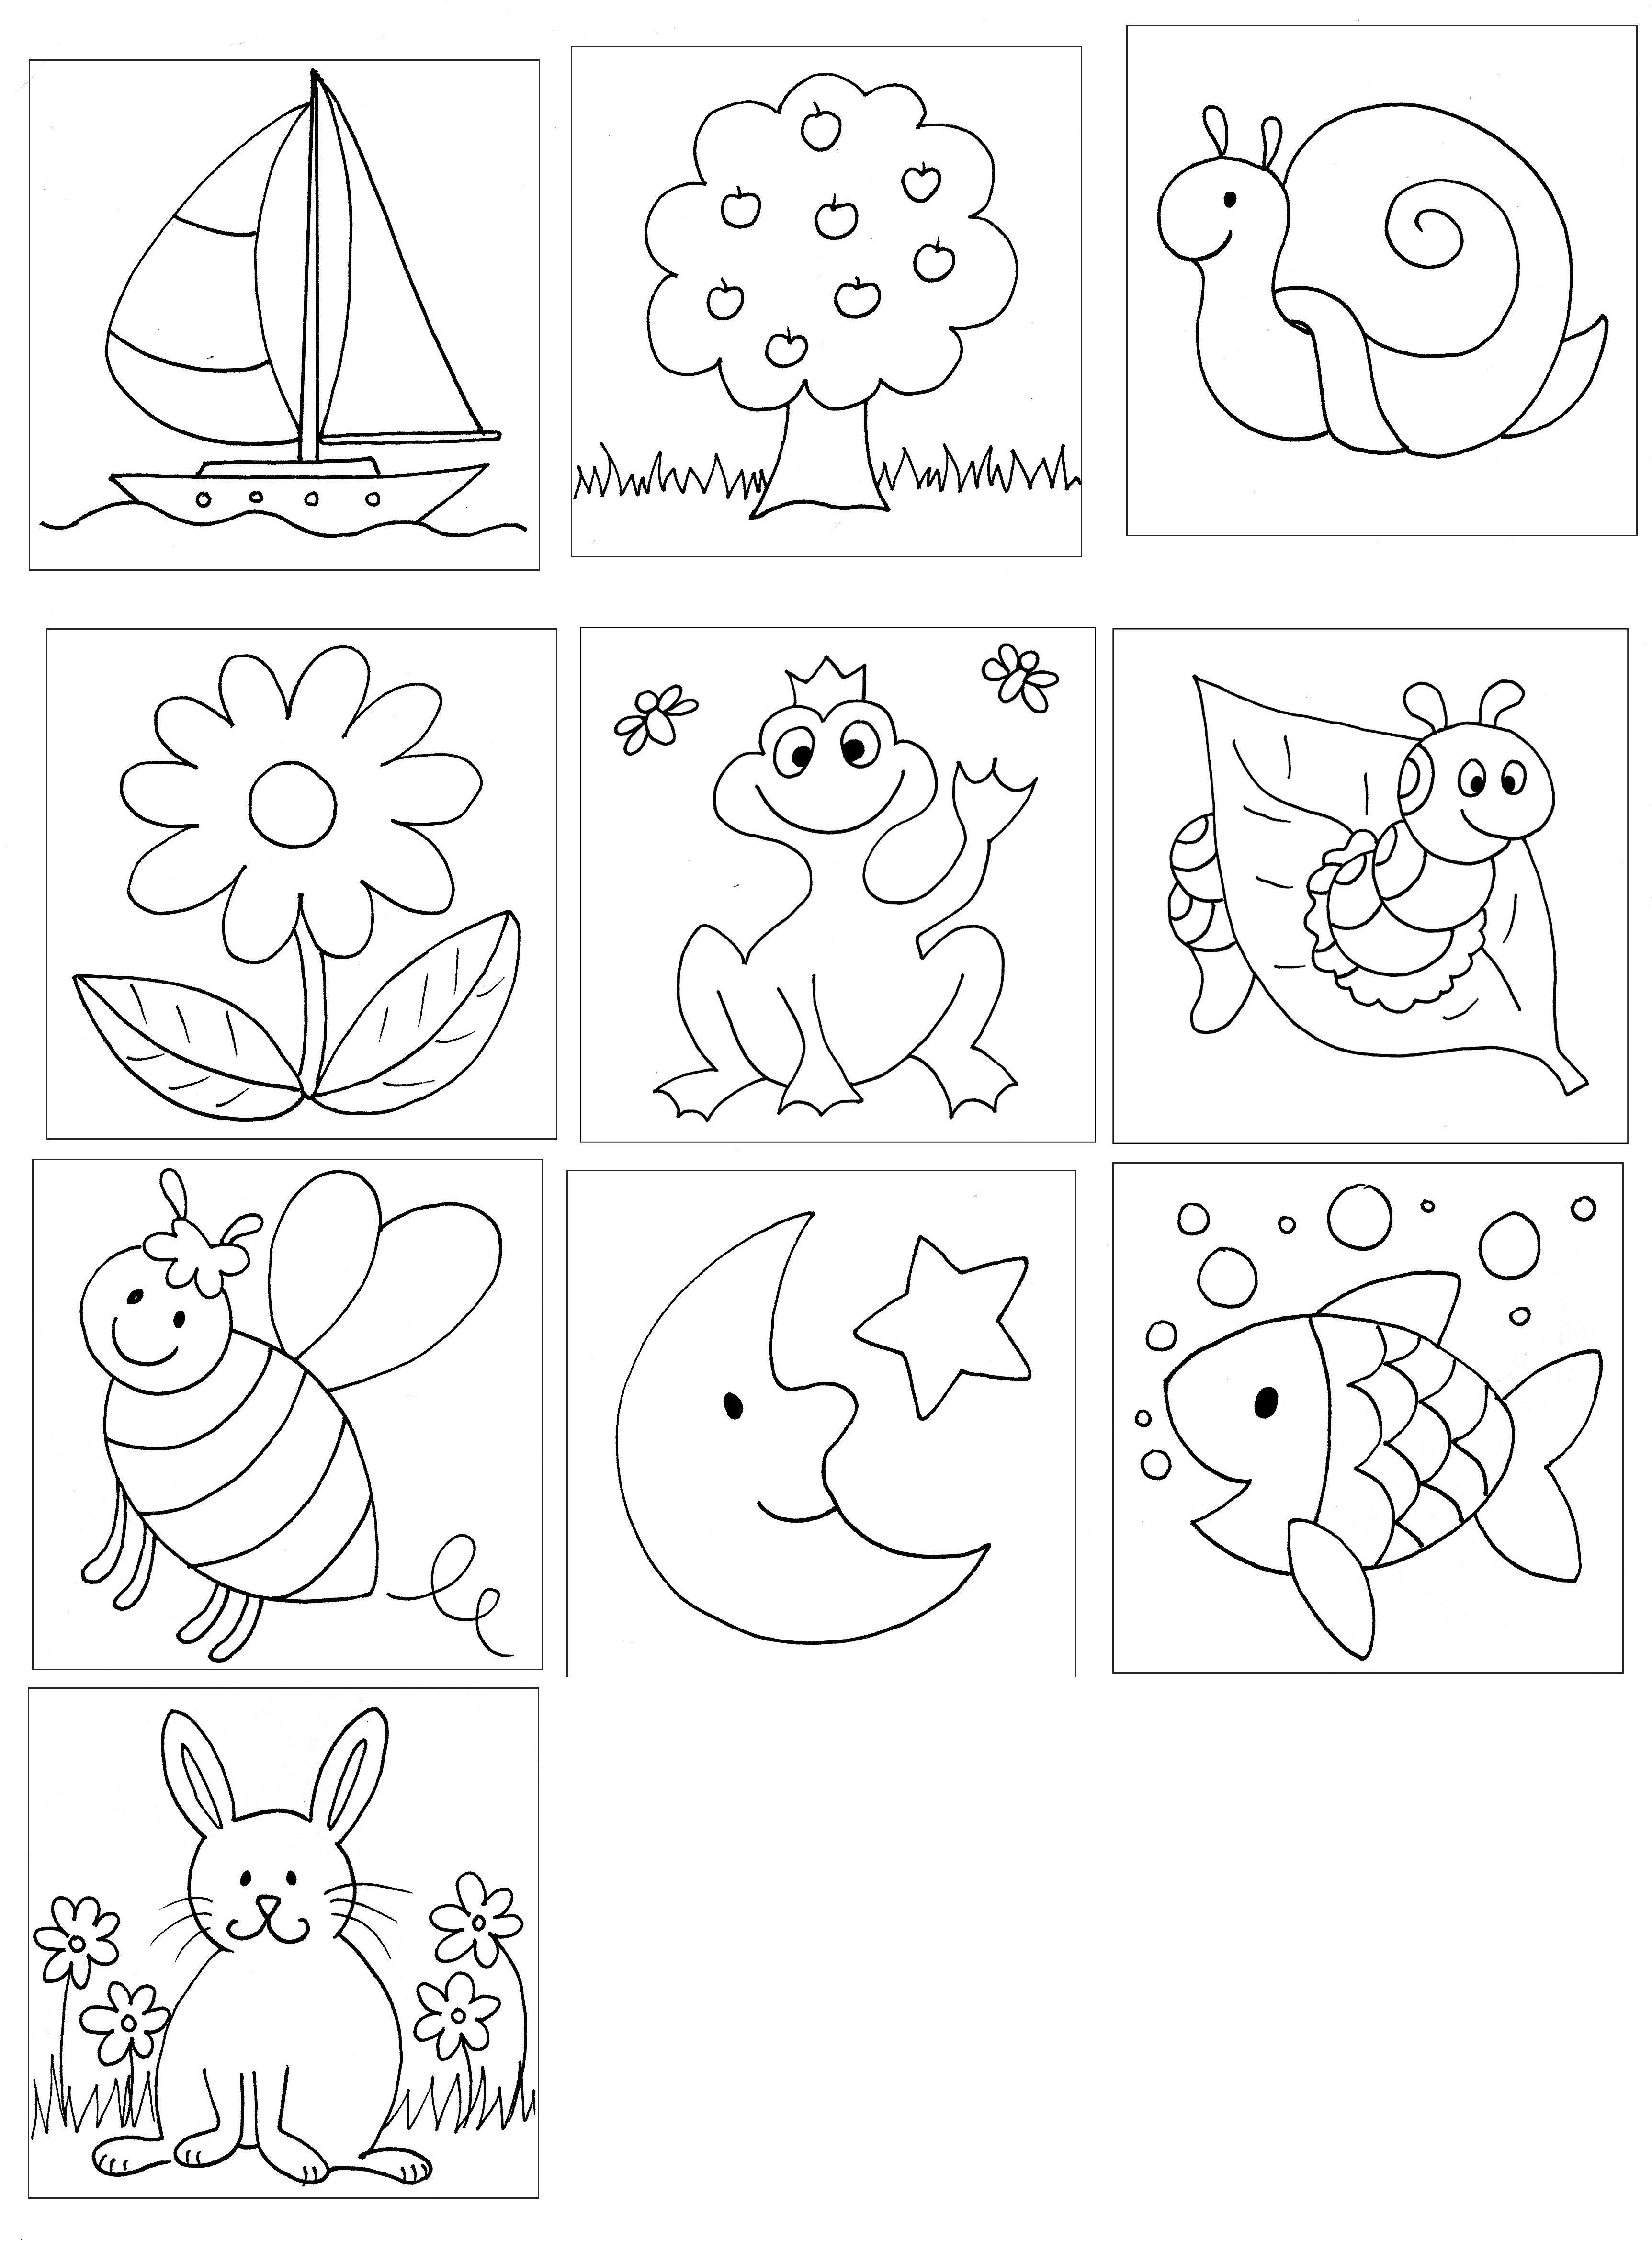 Eulen Zum Ausdrucken Frisch 40 Skizze Ausmalbilder Kostenlos Eulen Treehouse Nyc Fotos